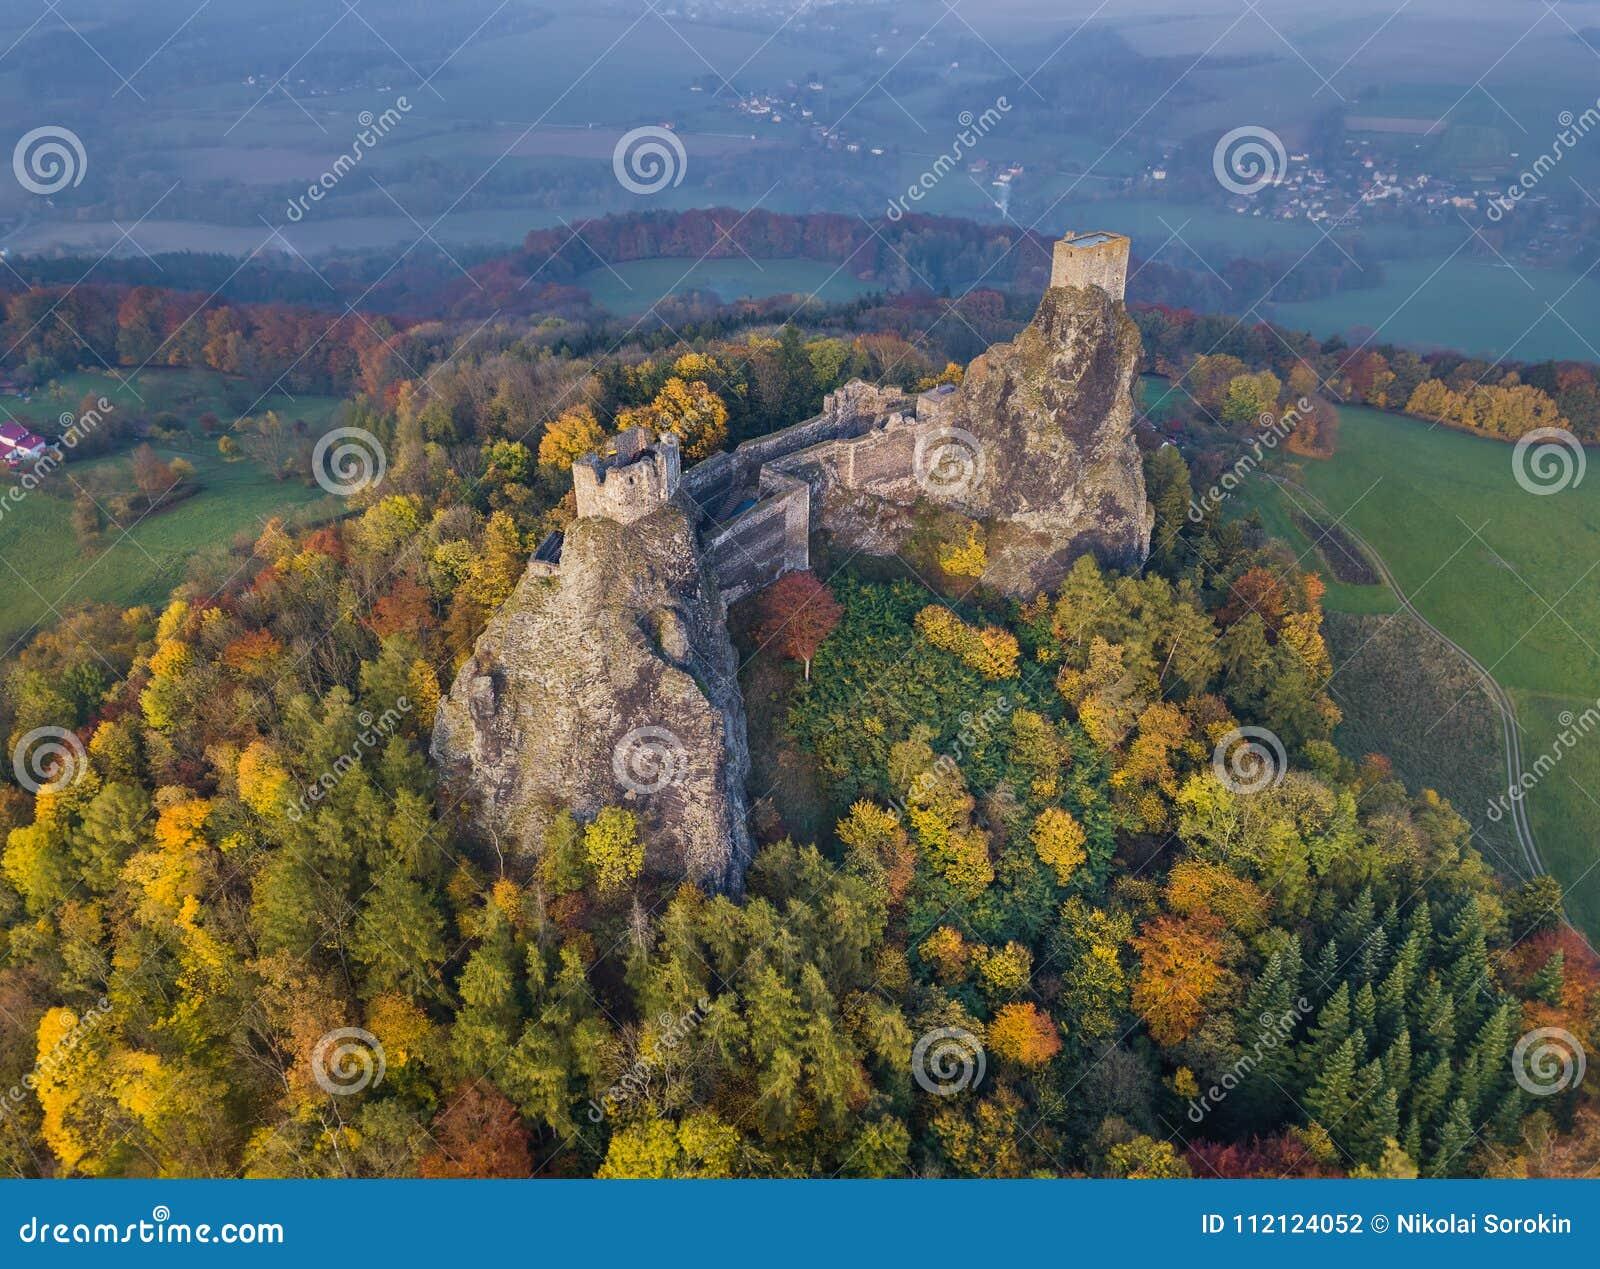 Castillo de Trosky en el paraíso de Bohemia - República Checa - visión aérea